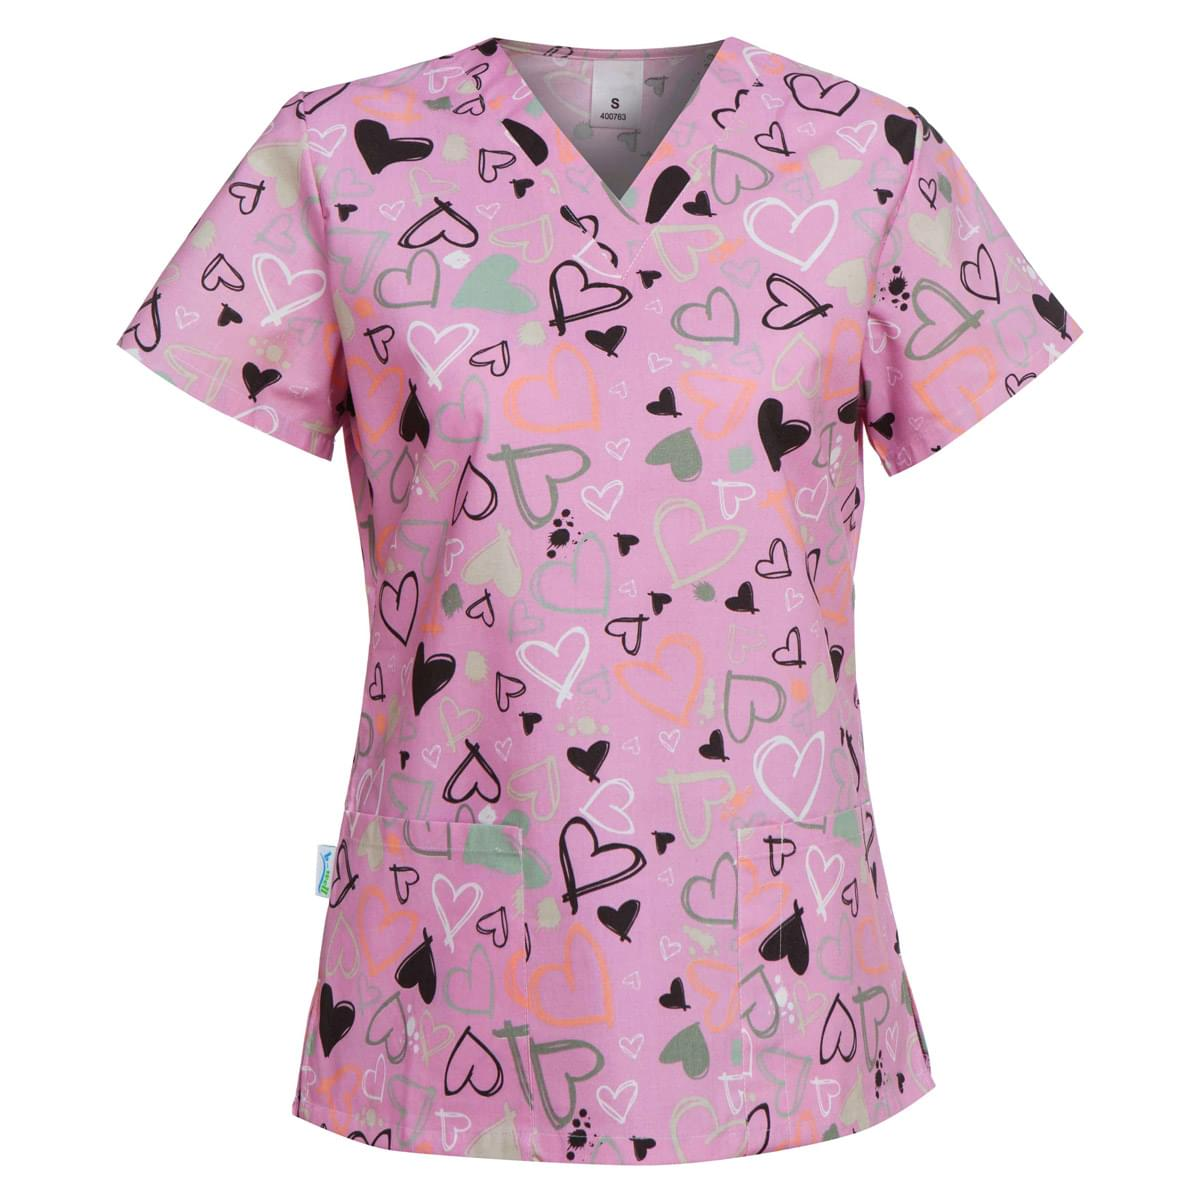 ιατρικη μπλουζα καρδιες